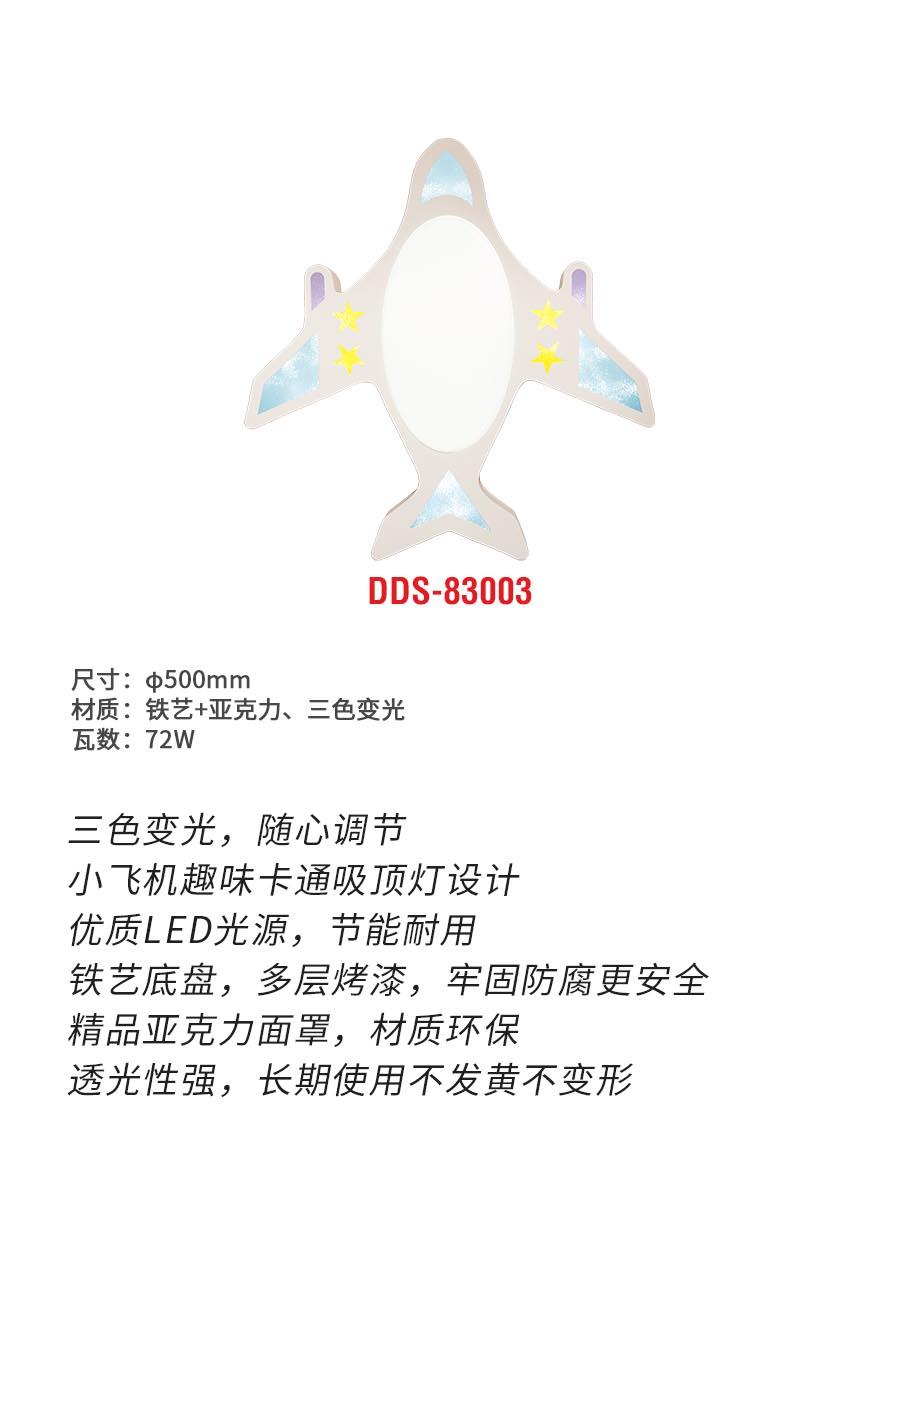 DDS-83003b.jpg